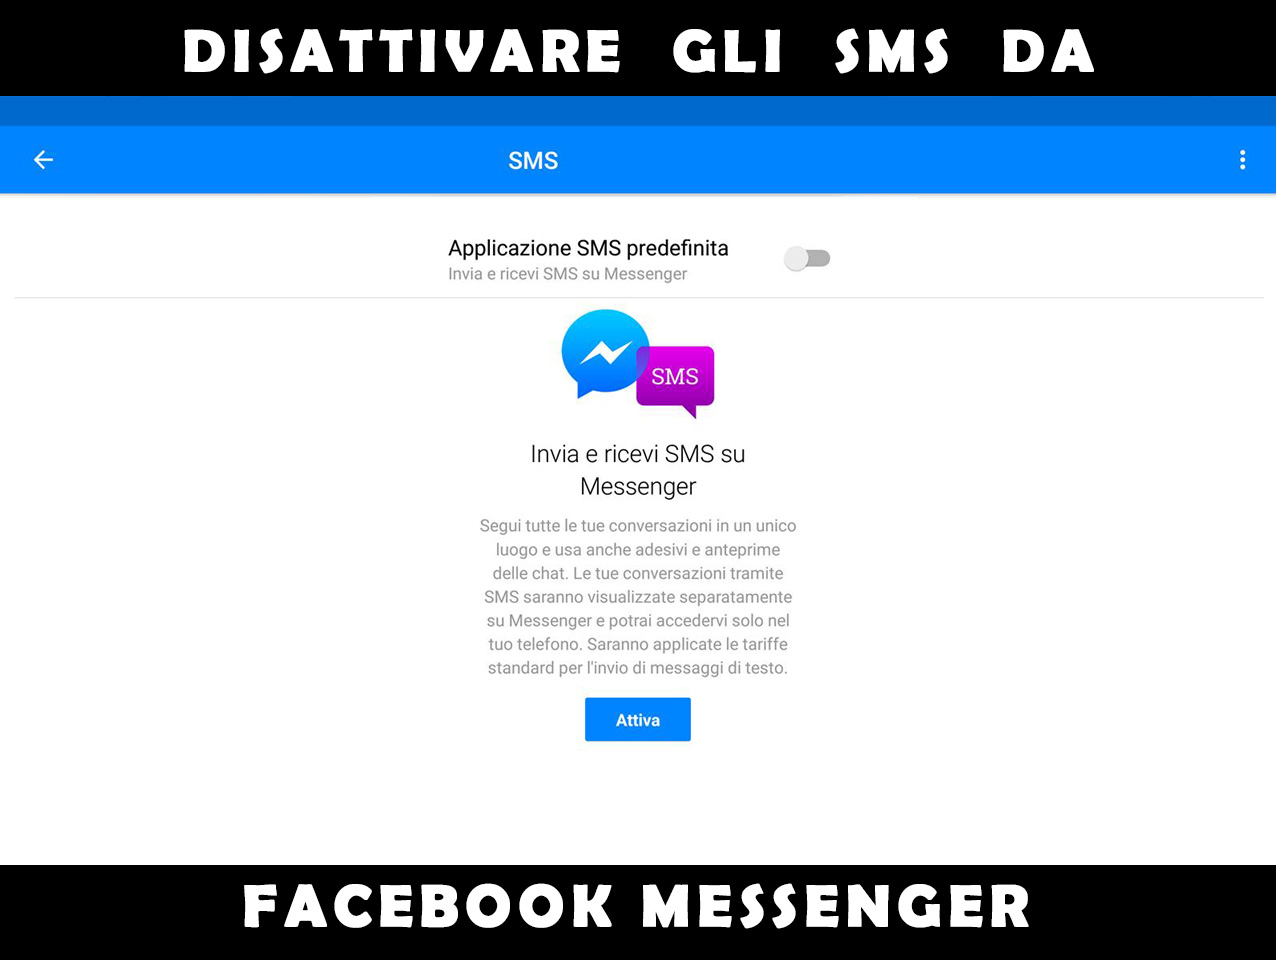 Come rimuovere gli SMS da Facebook Messenger